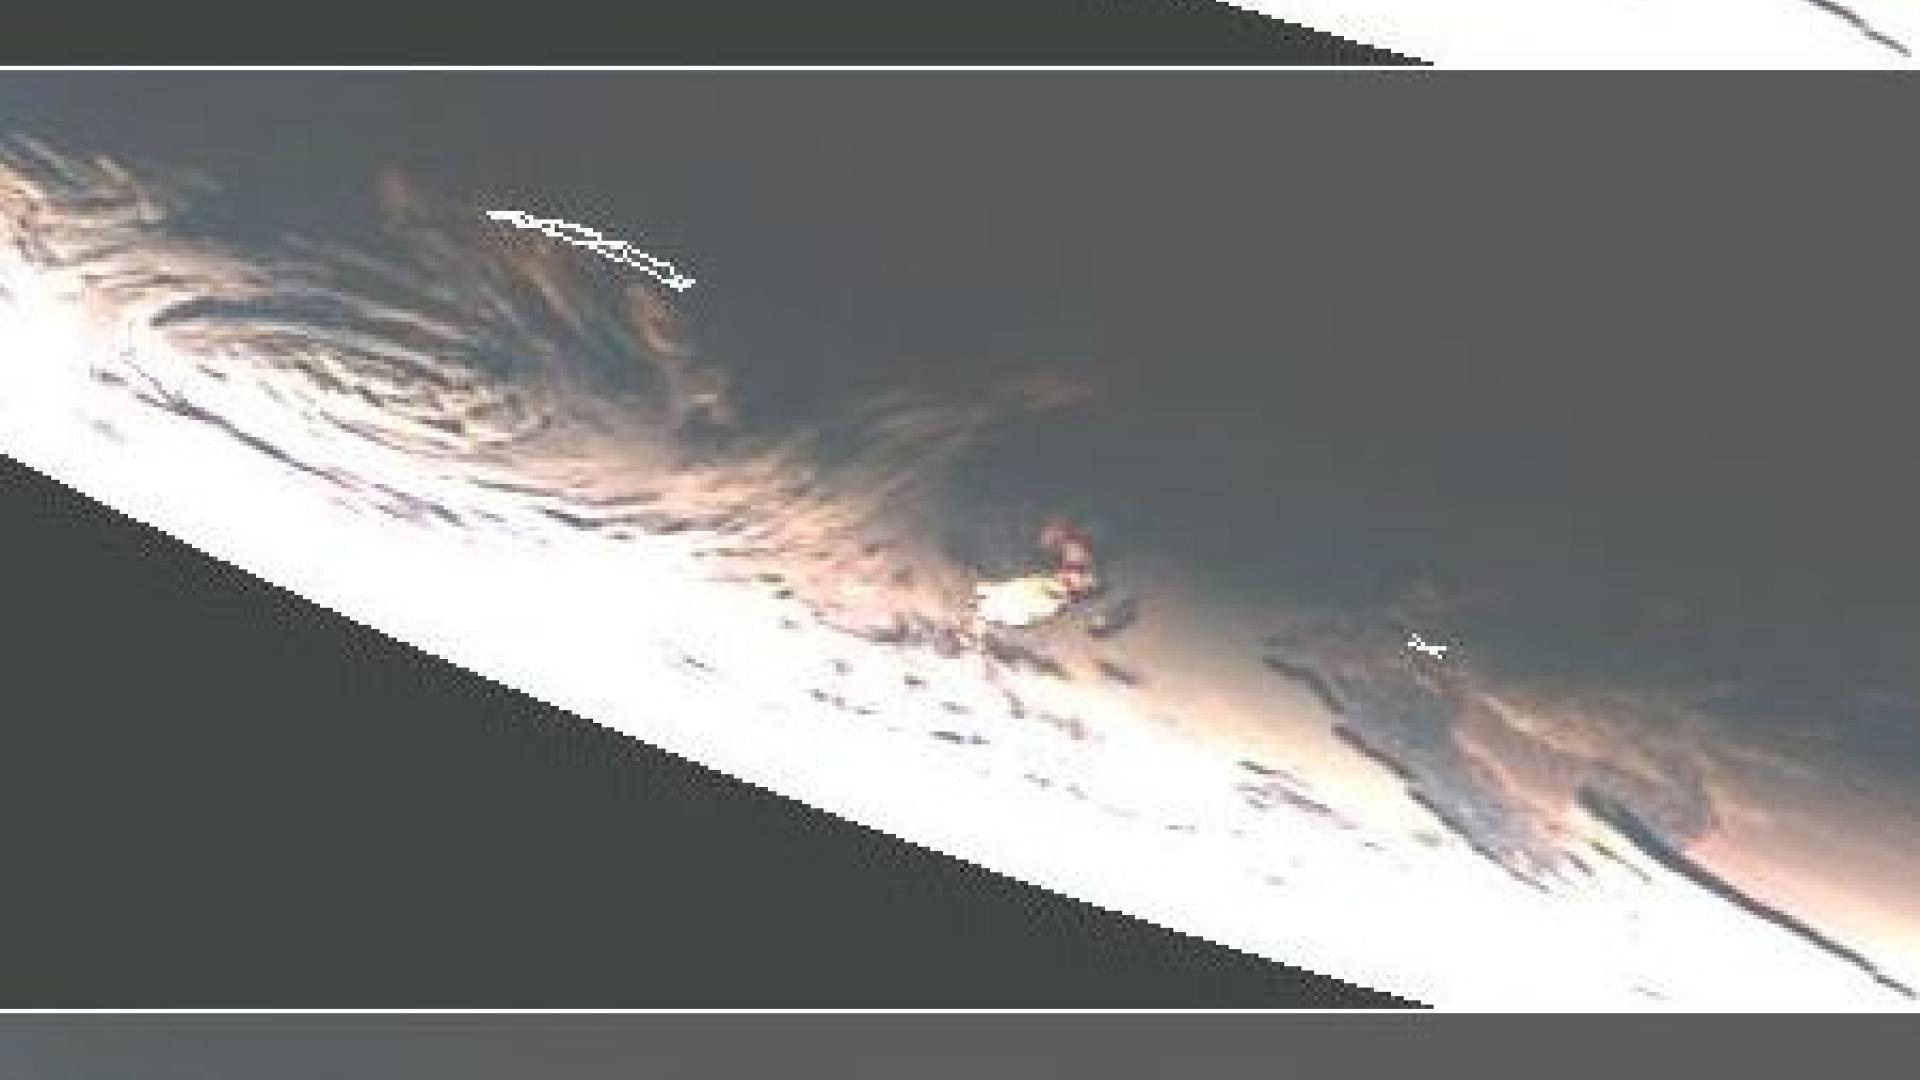 Meteosat sunglint on the Southern Ocean around solstice